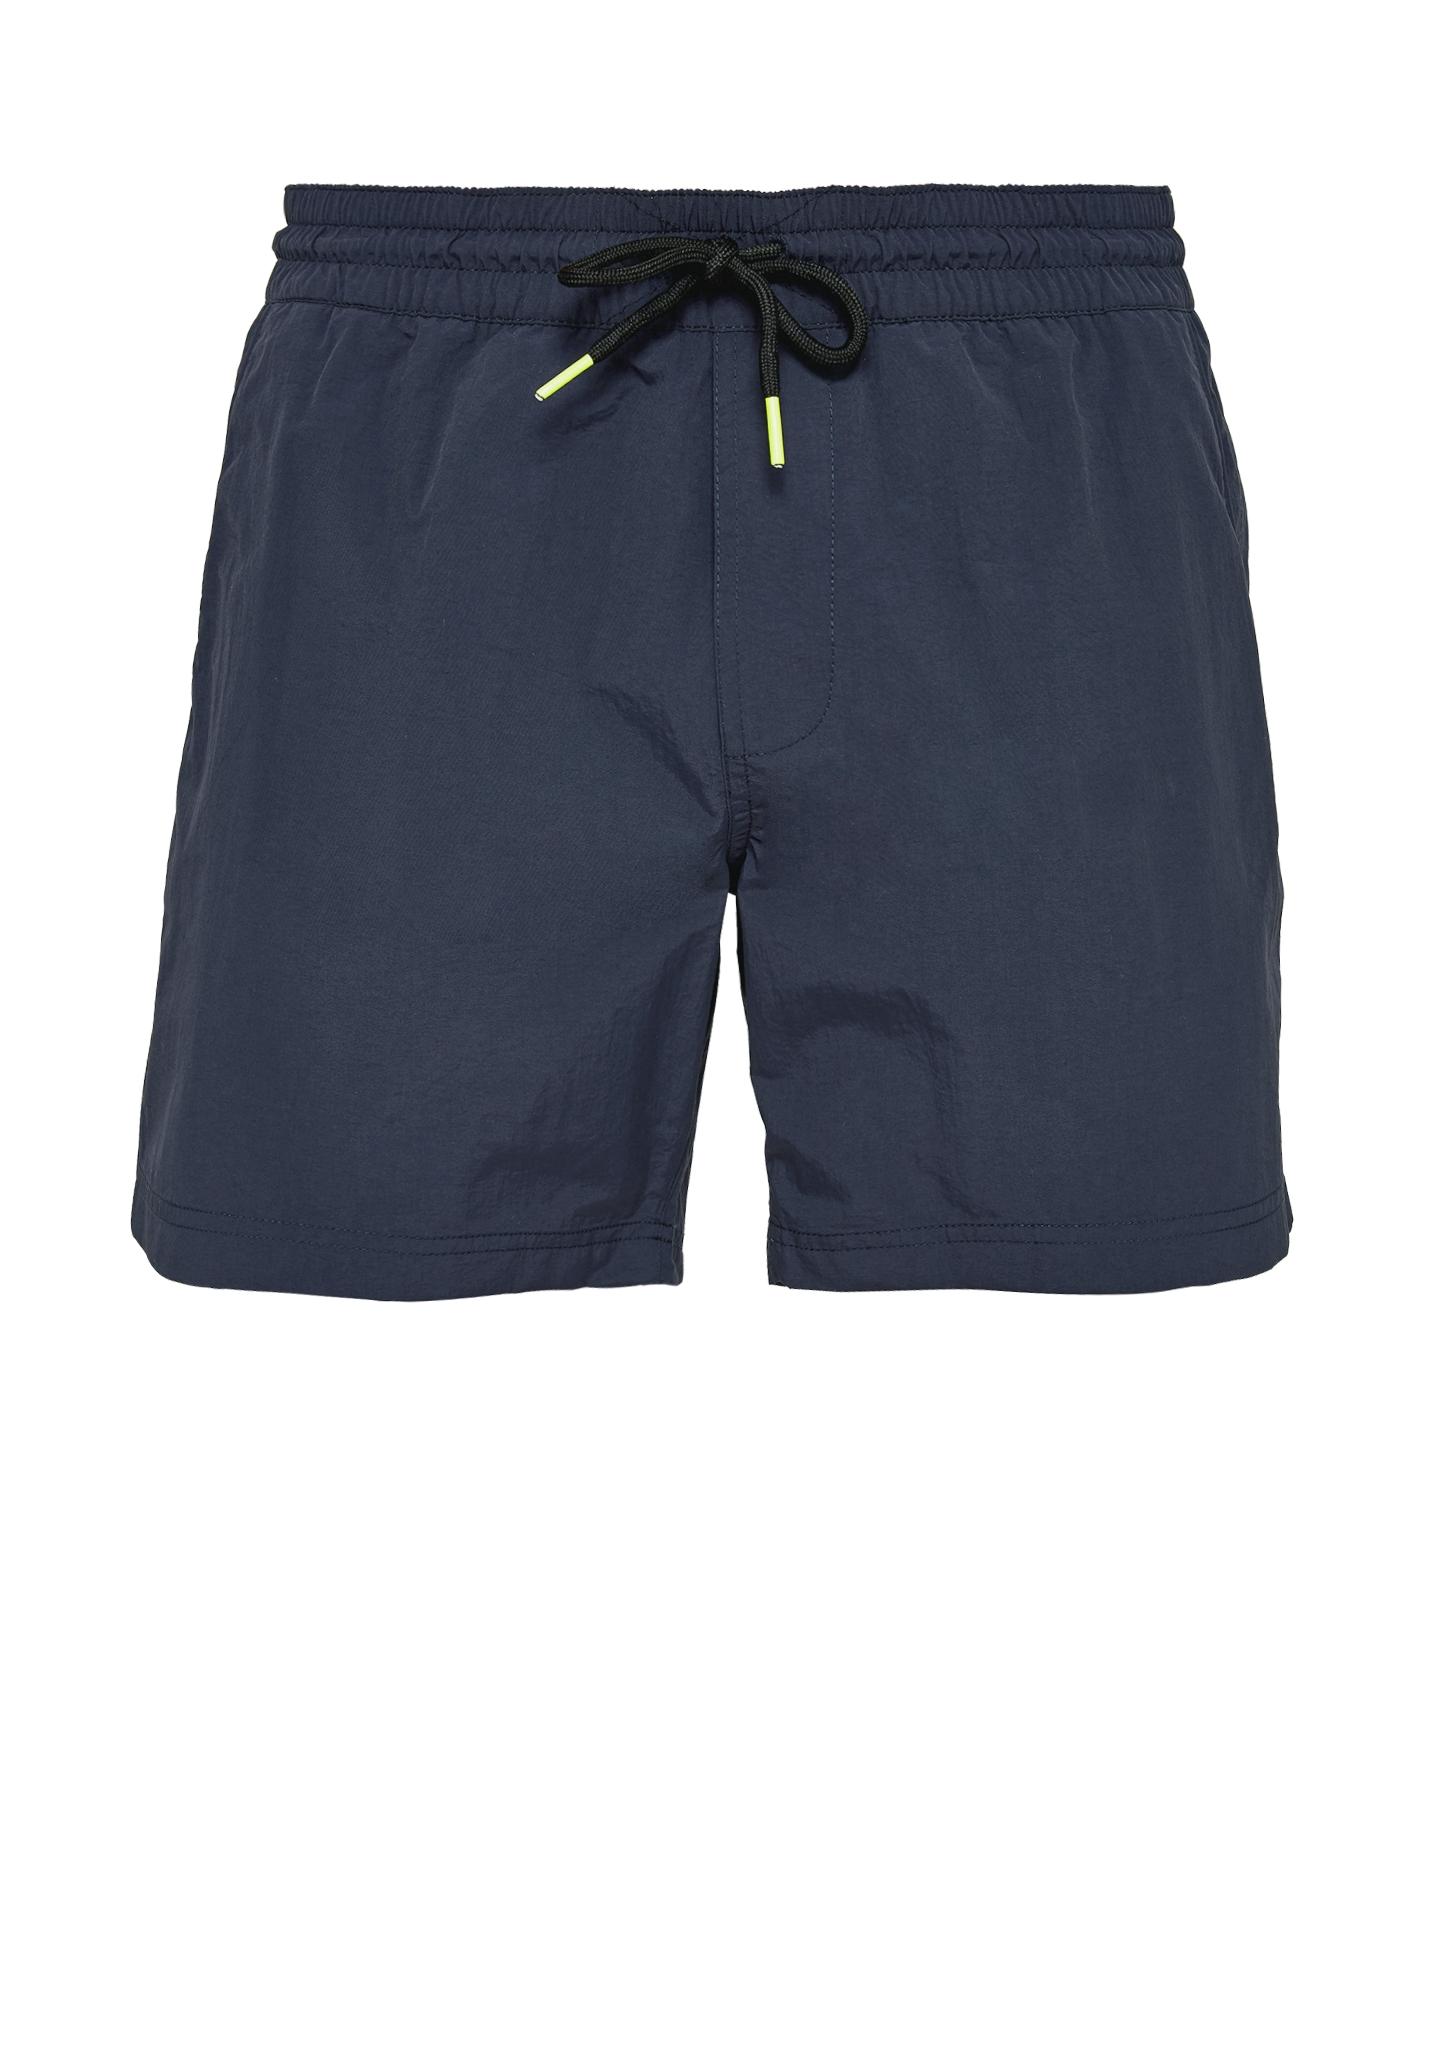 ziemlich cool Markenqualität professionelle Website oberstoff-100-polyamid-futter-100-polyester Shorts für ...